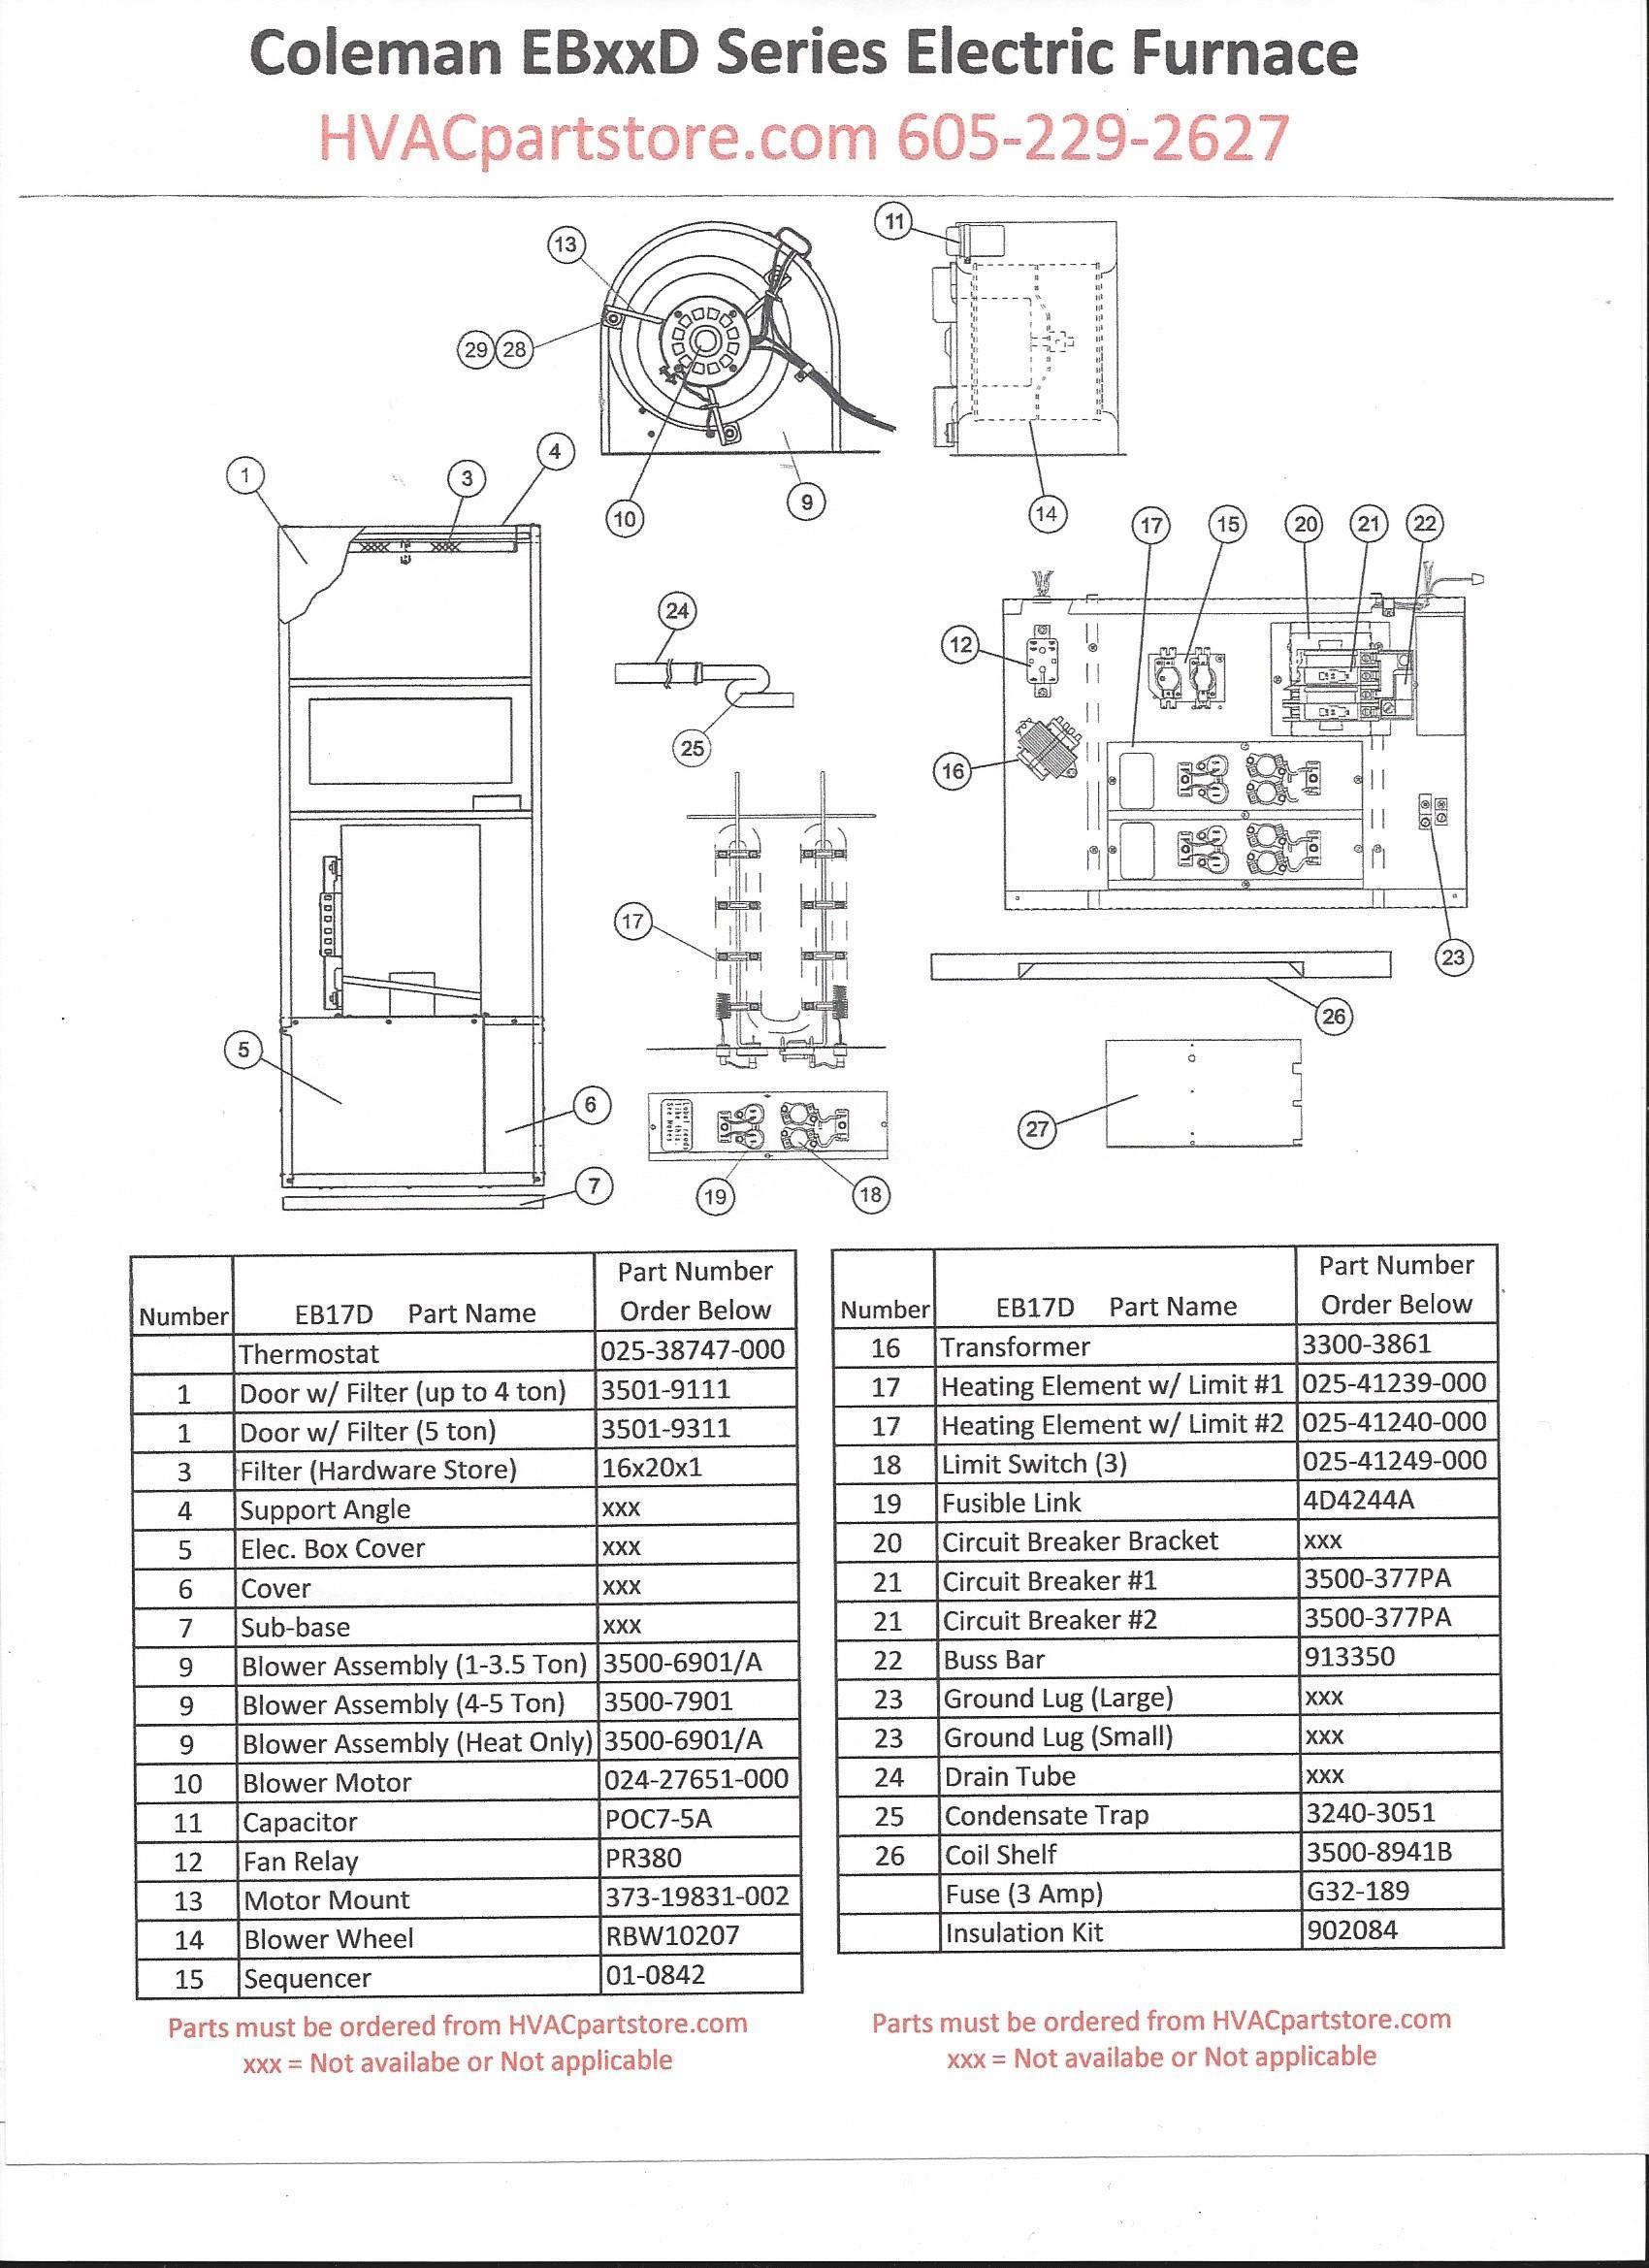 Electric Furnace Wiring Diagram Wiring Diagram Image